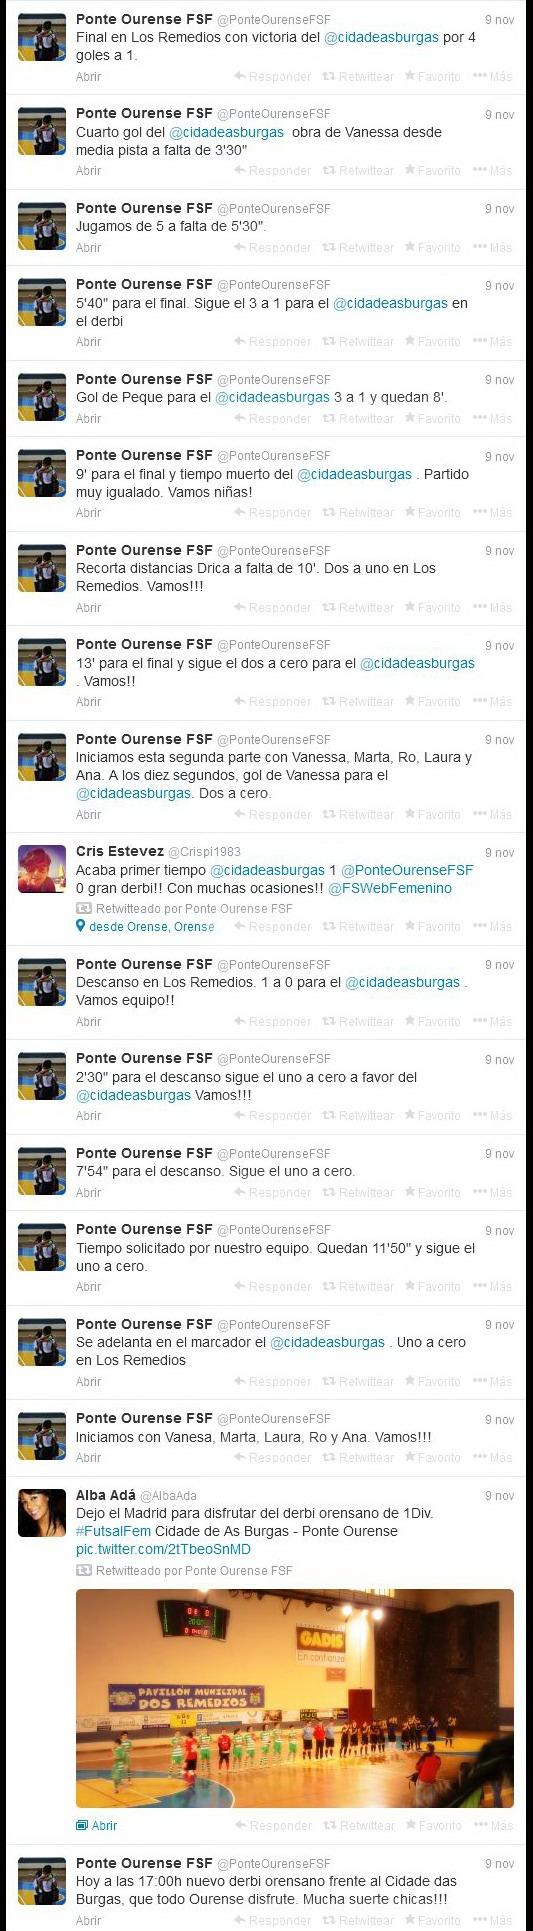 twitter_com_PonteOurenseFSF - Cidade